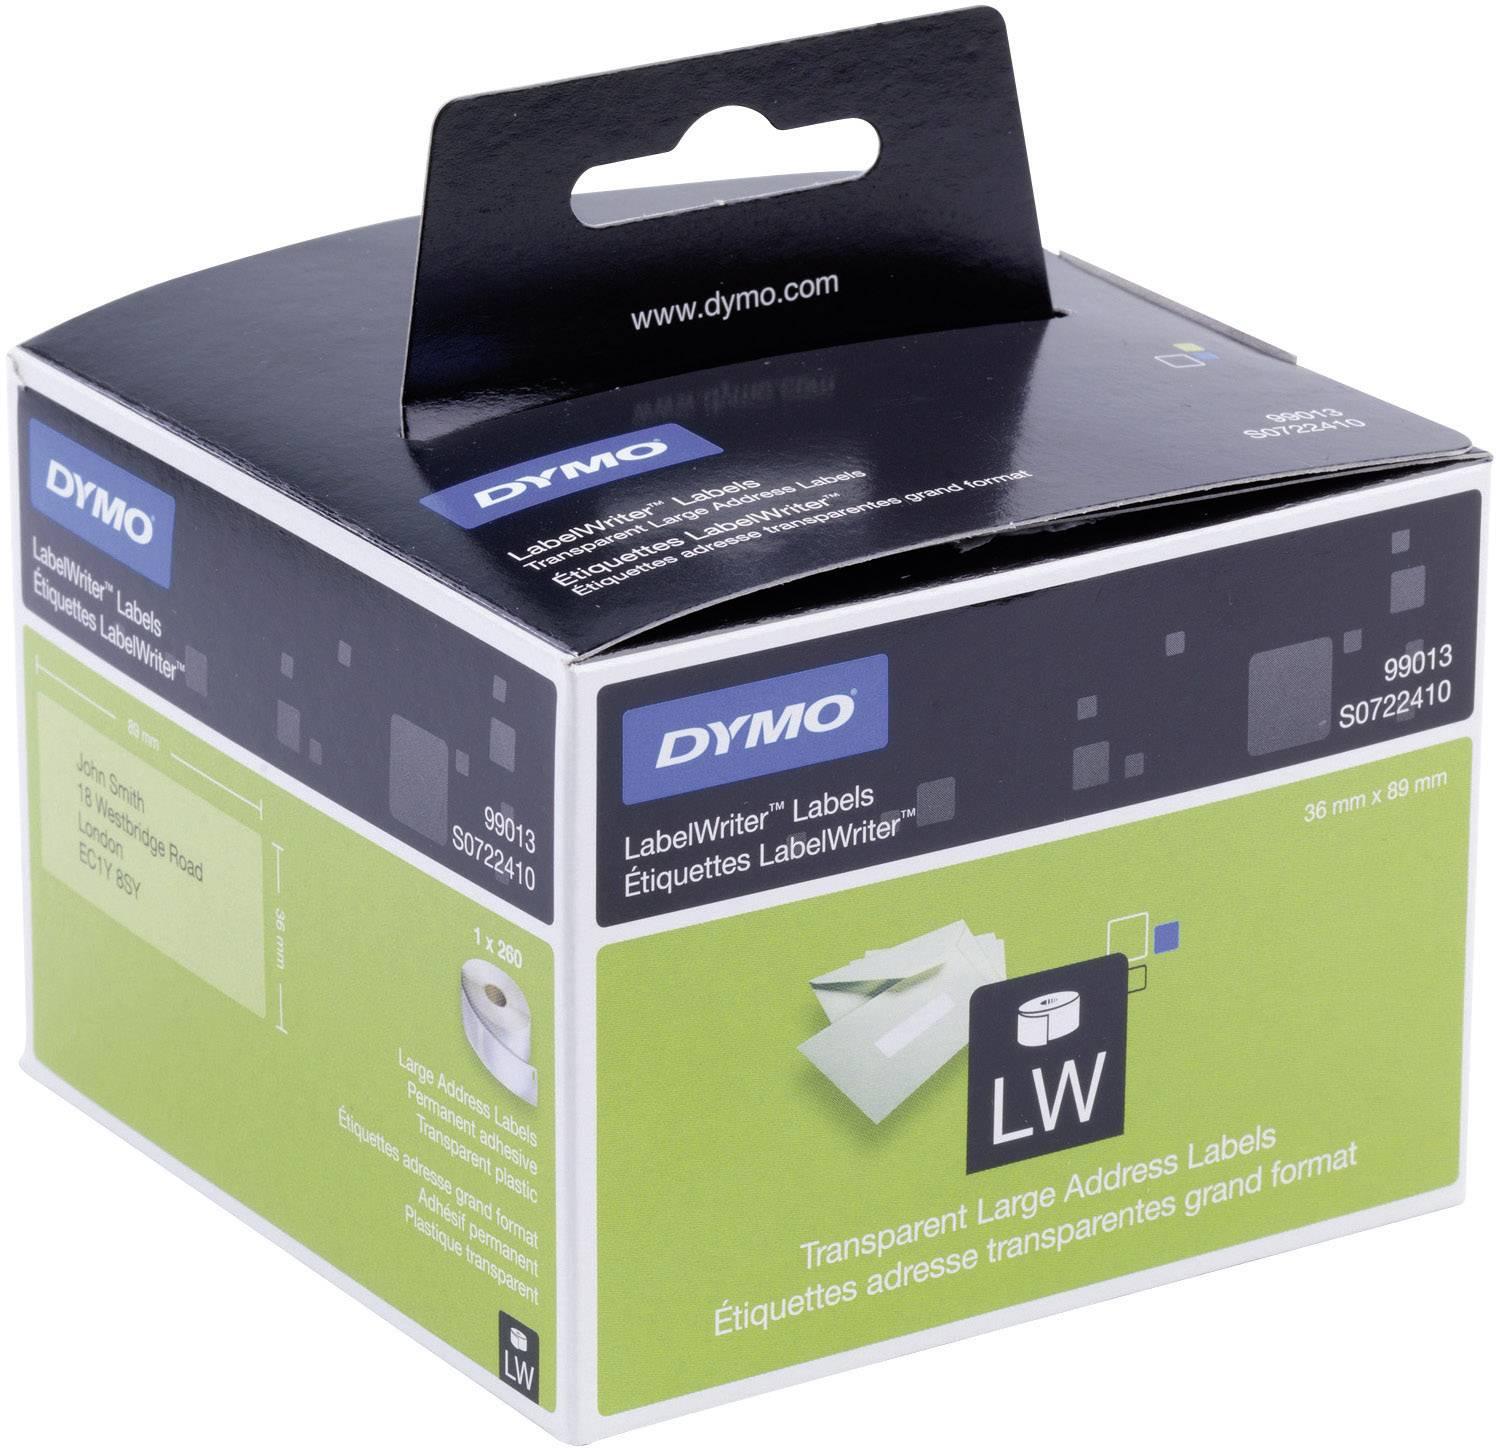 Páska do štítkovače Dymo LW, Typ 99013, S0722410, bílá/černá, 89 x 36 mm, 260 ks